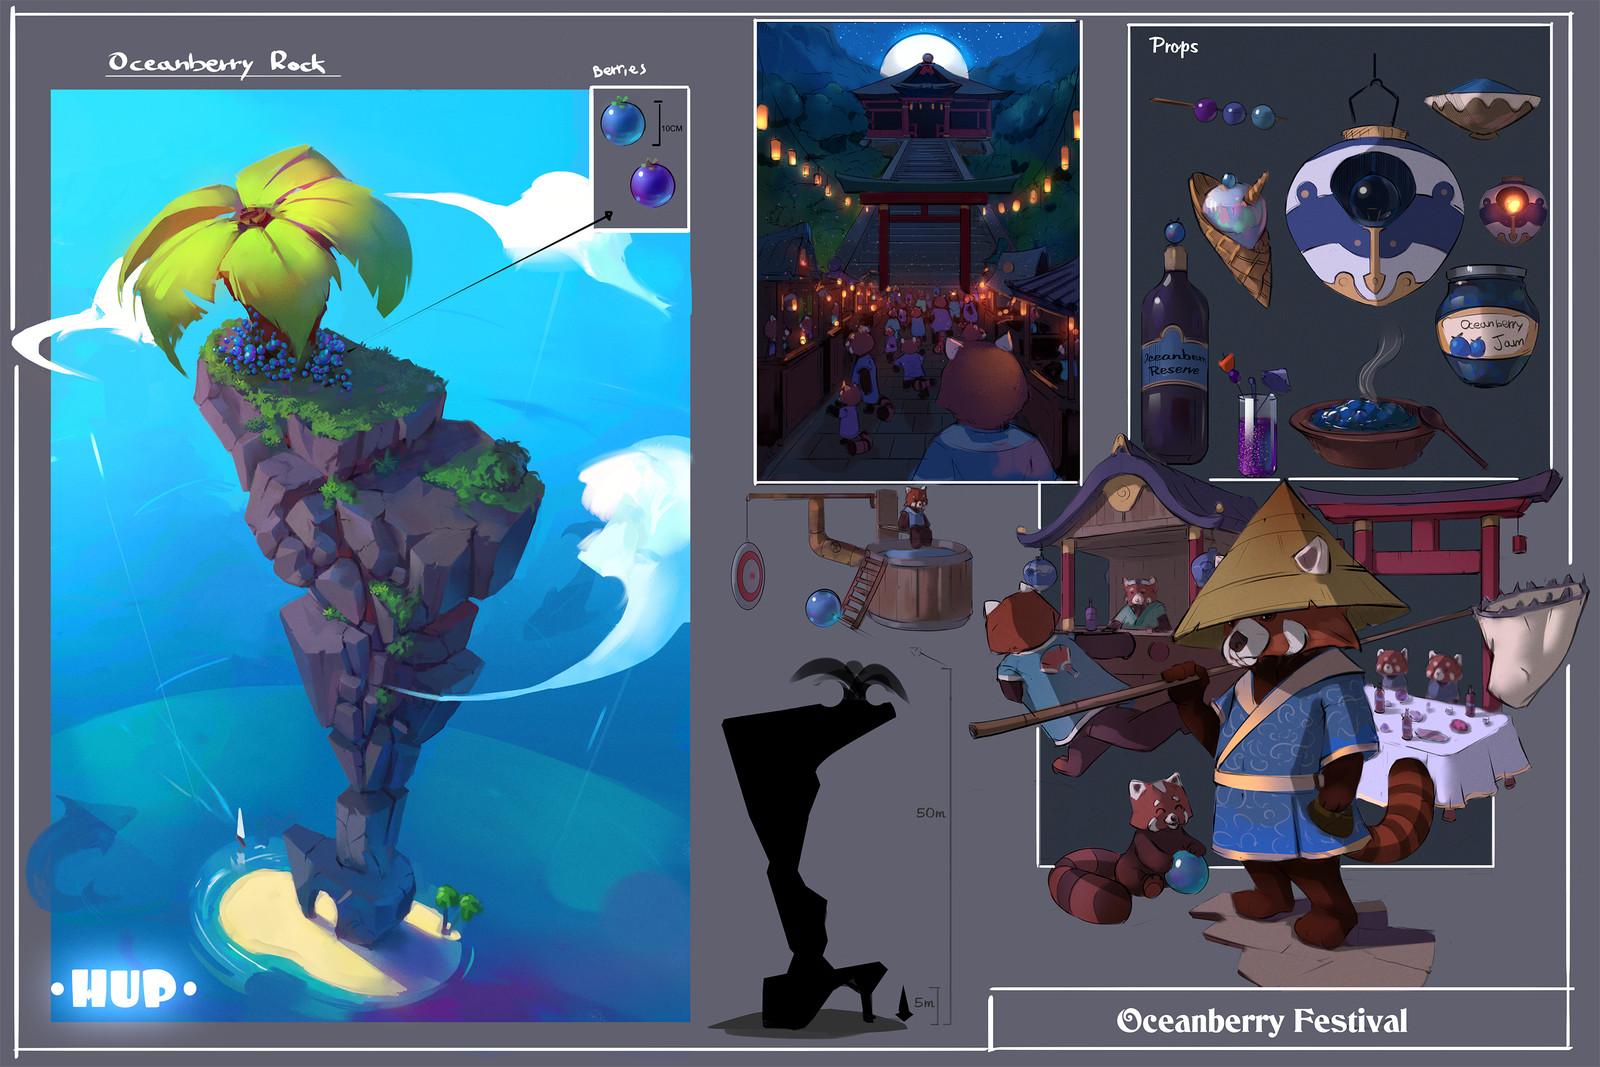 Hup - Oceanberry festival